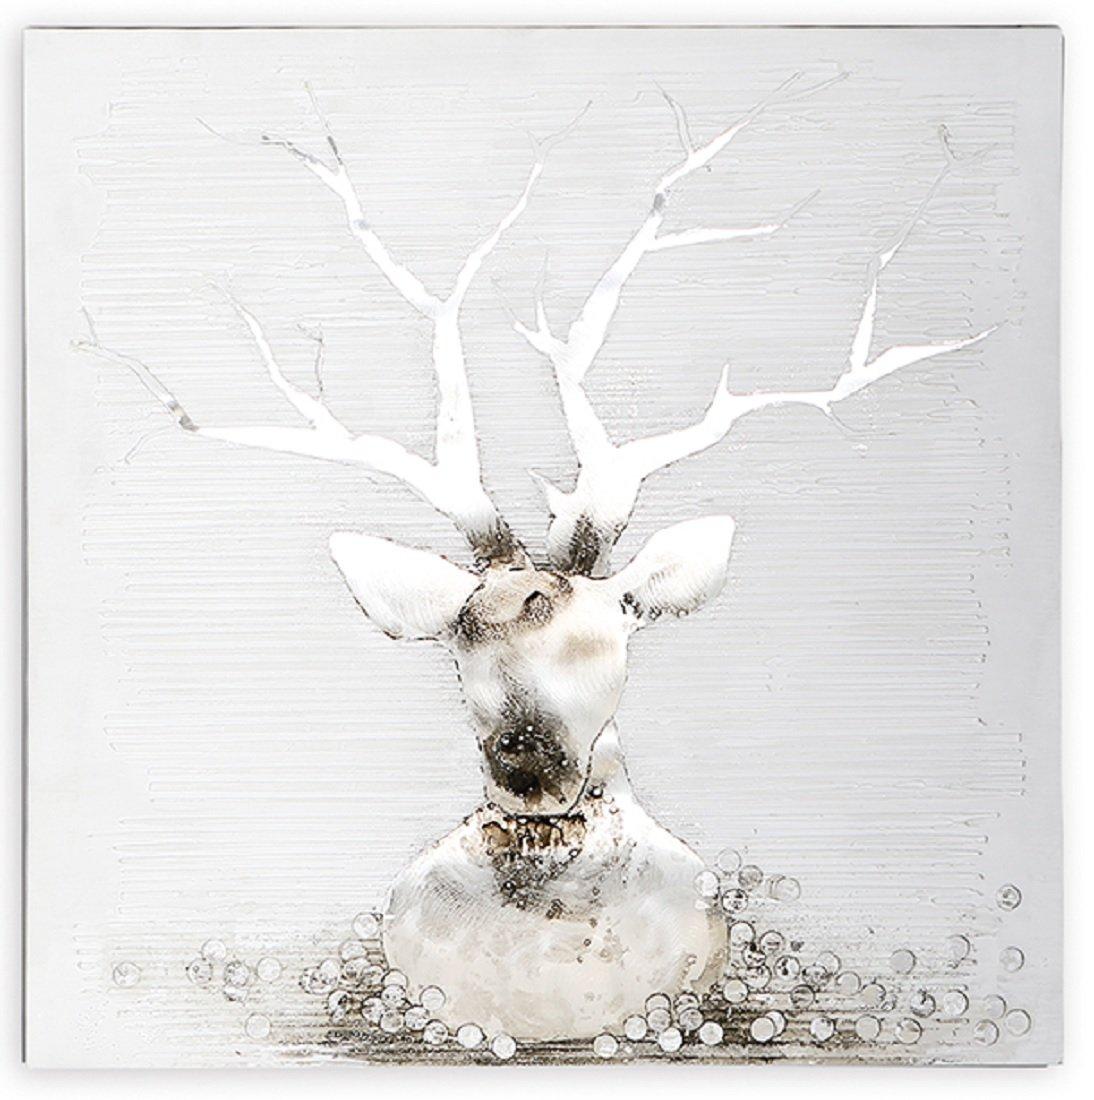 Casablanca Ölbild Deer grau silber weiss 80 x 80 cm Leinen Holz Metall,m.Alu Applikationen